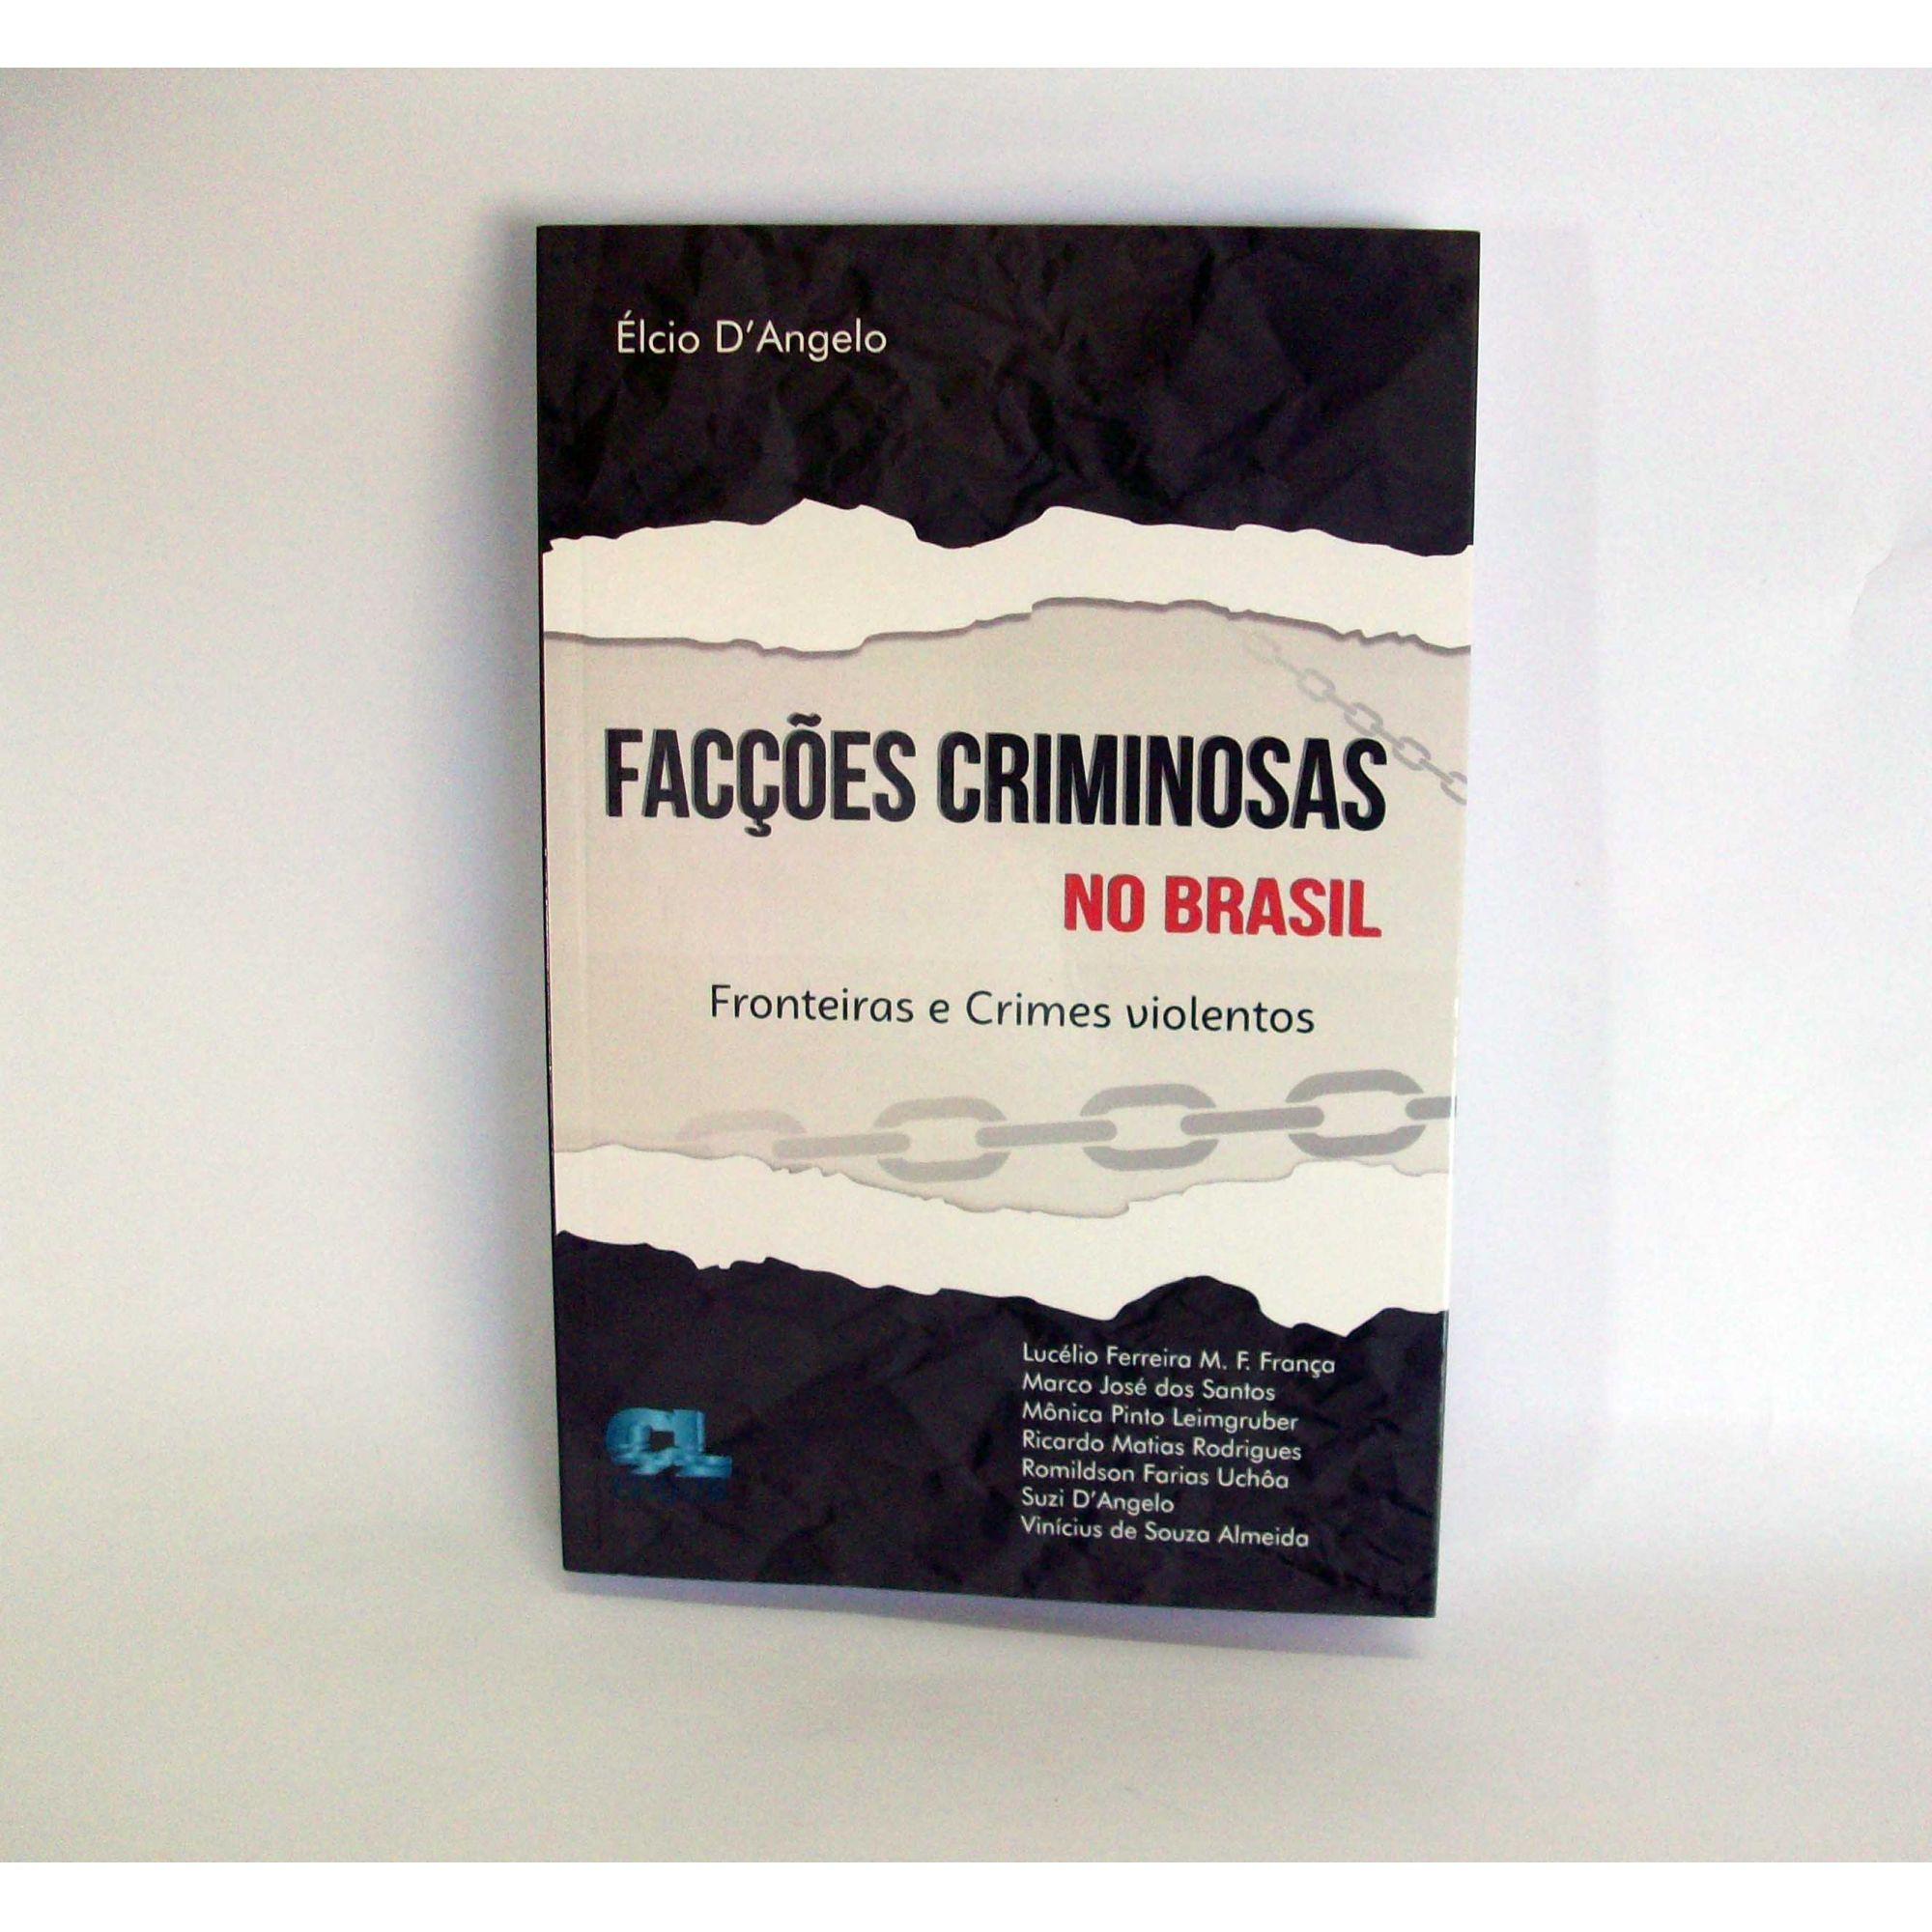 Facções Criminosas no Brasil: Fronteiras e Crimes Violentos  - Edijur Editora